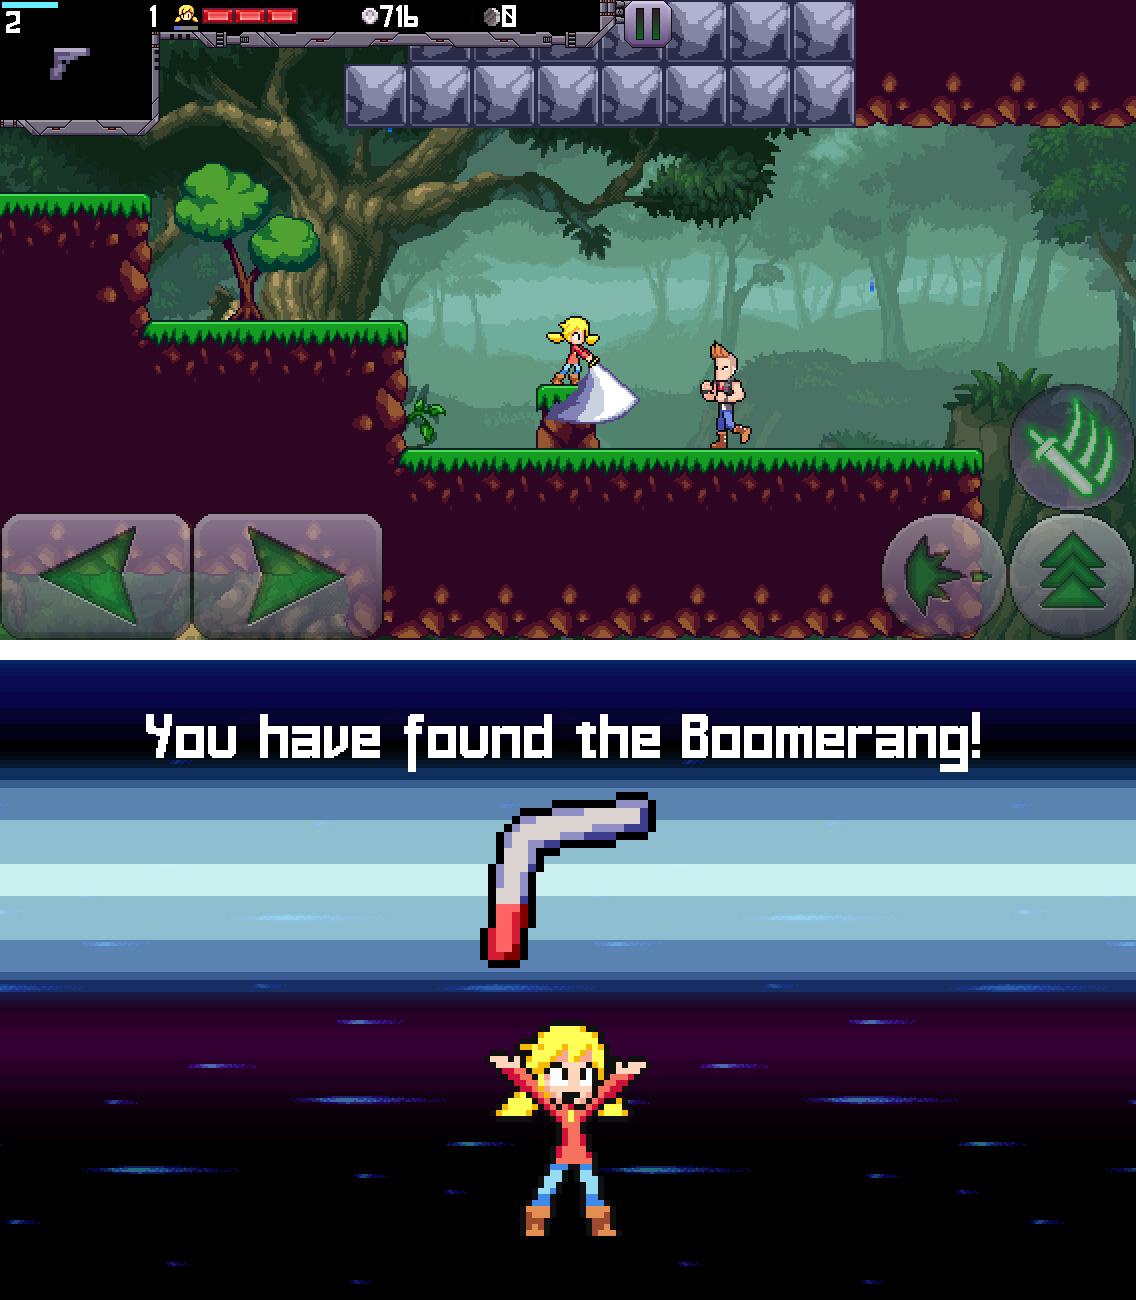 キャリーケイブス4(Cally's Caves 4) androidアプリスクリーンショット1